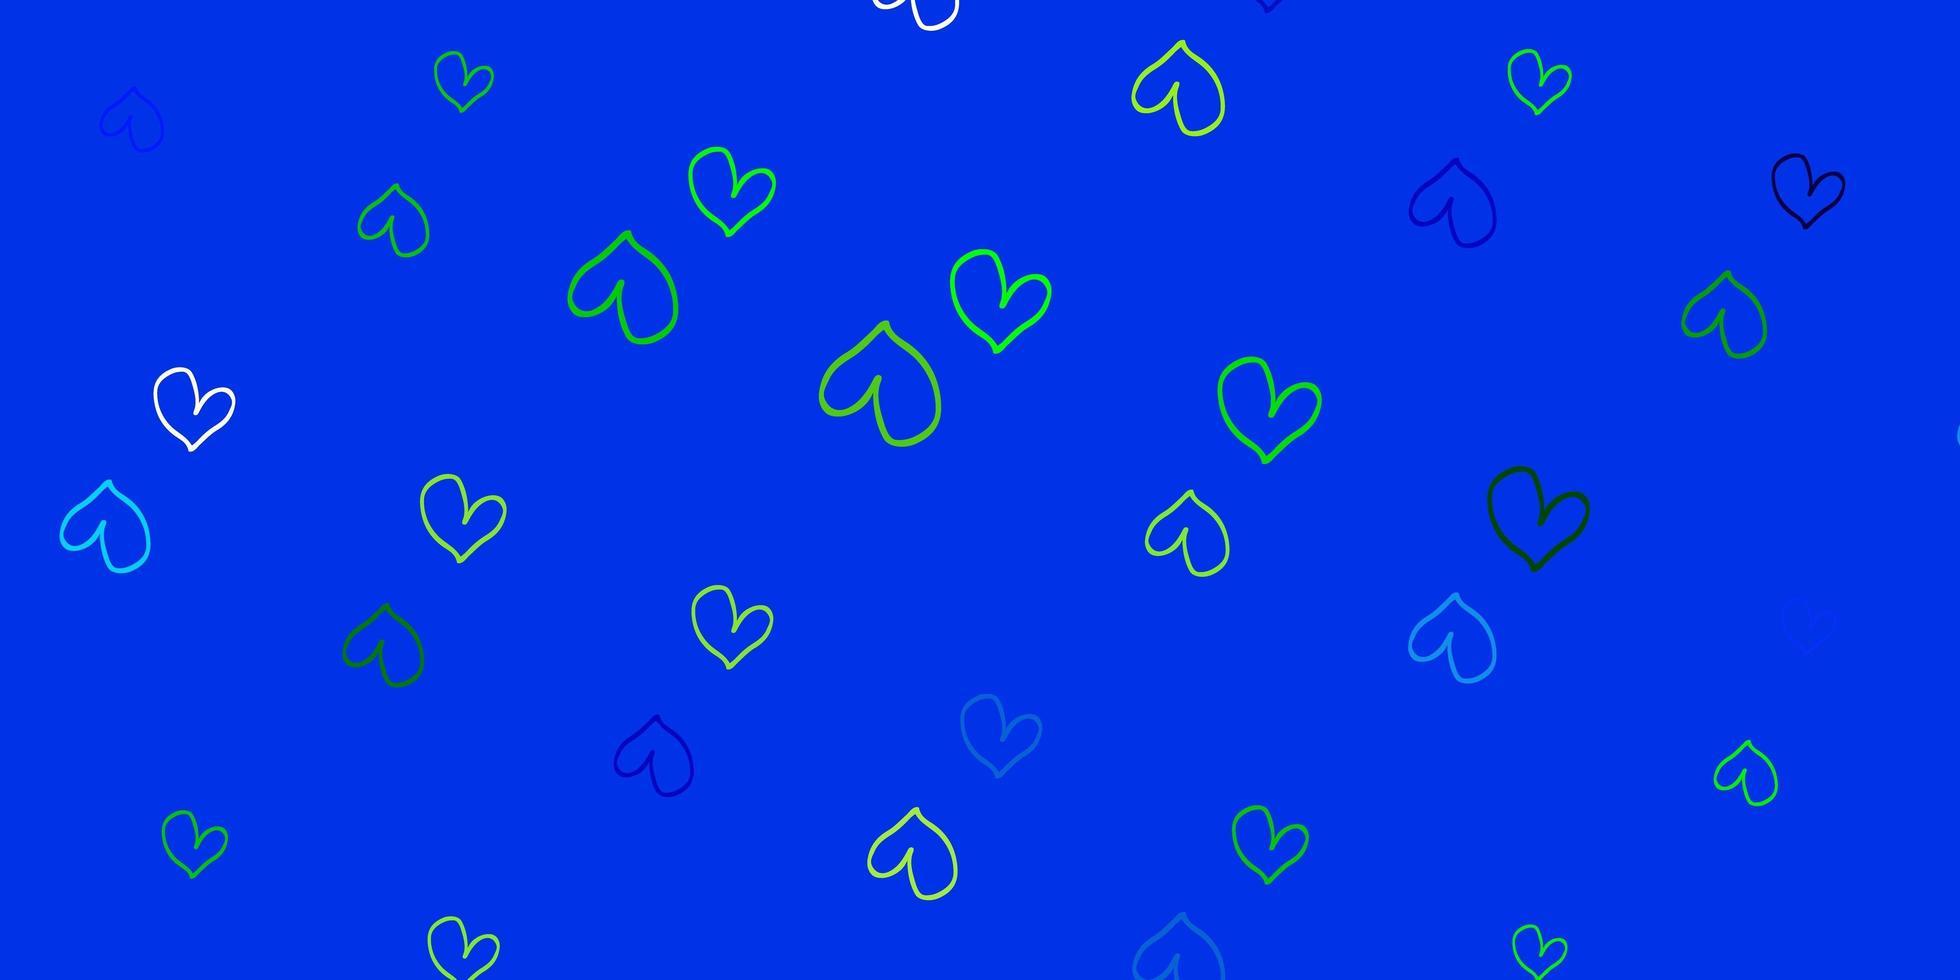 hellblauer, grüner Vektorhintergrund mit süßen Herzen. vektor